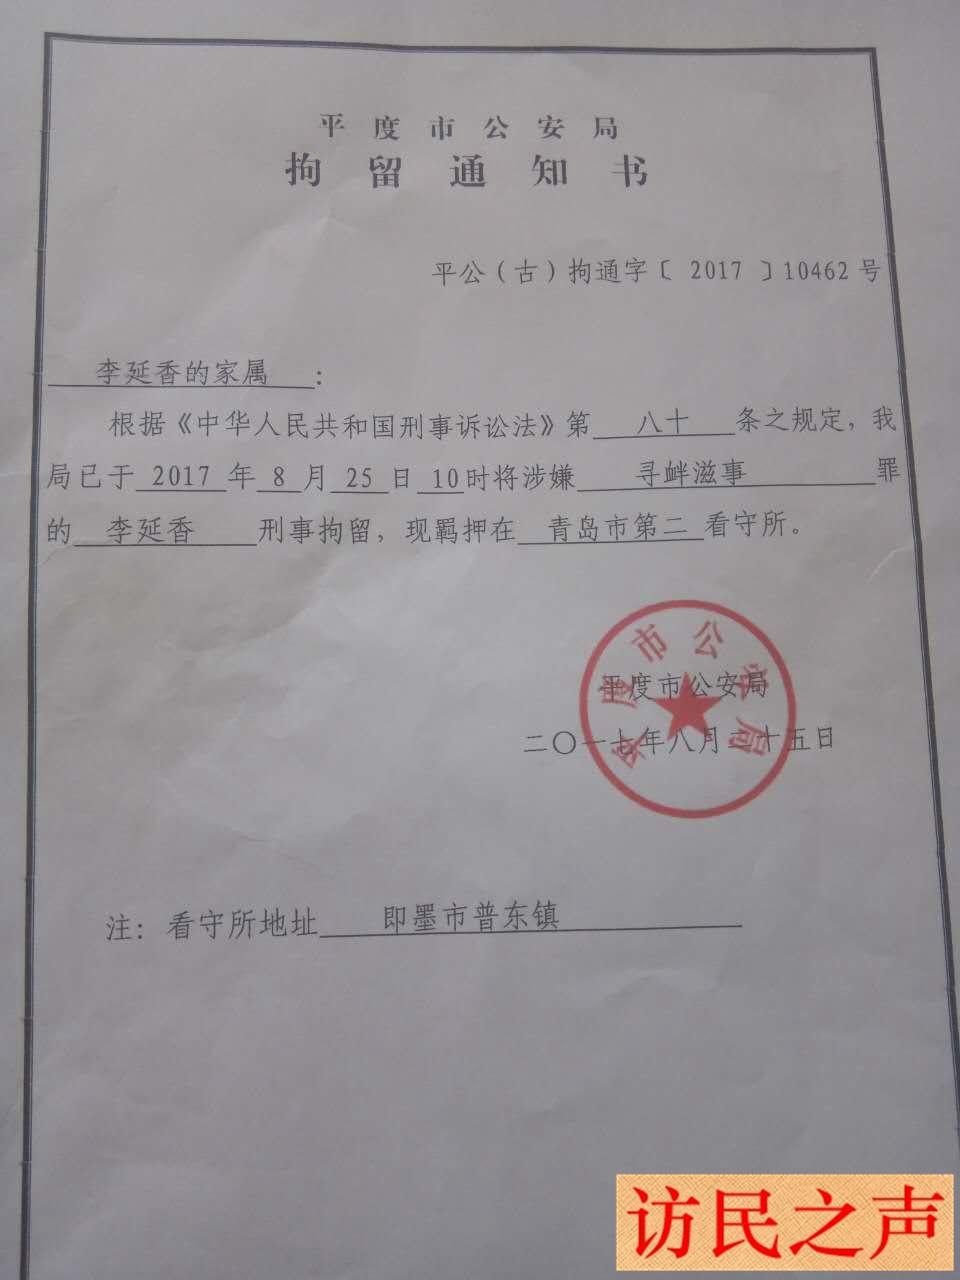 宋玉生律师前往看守所会见山东访民李延香